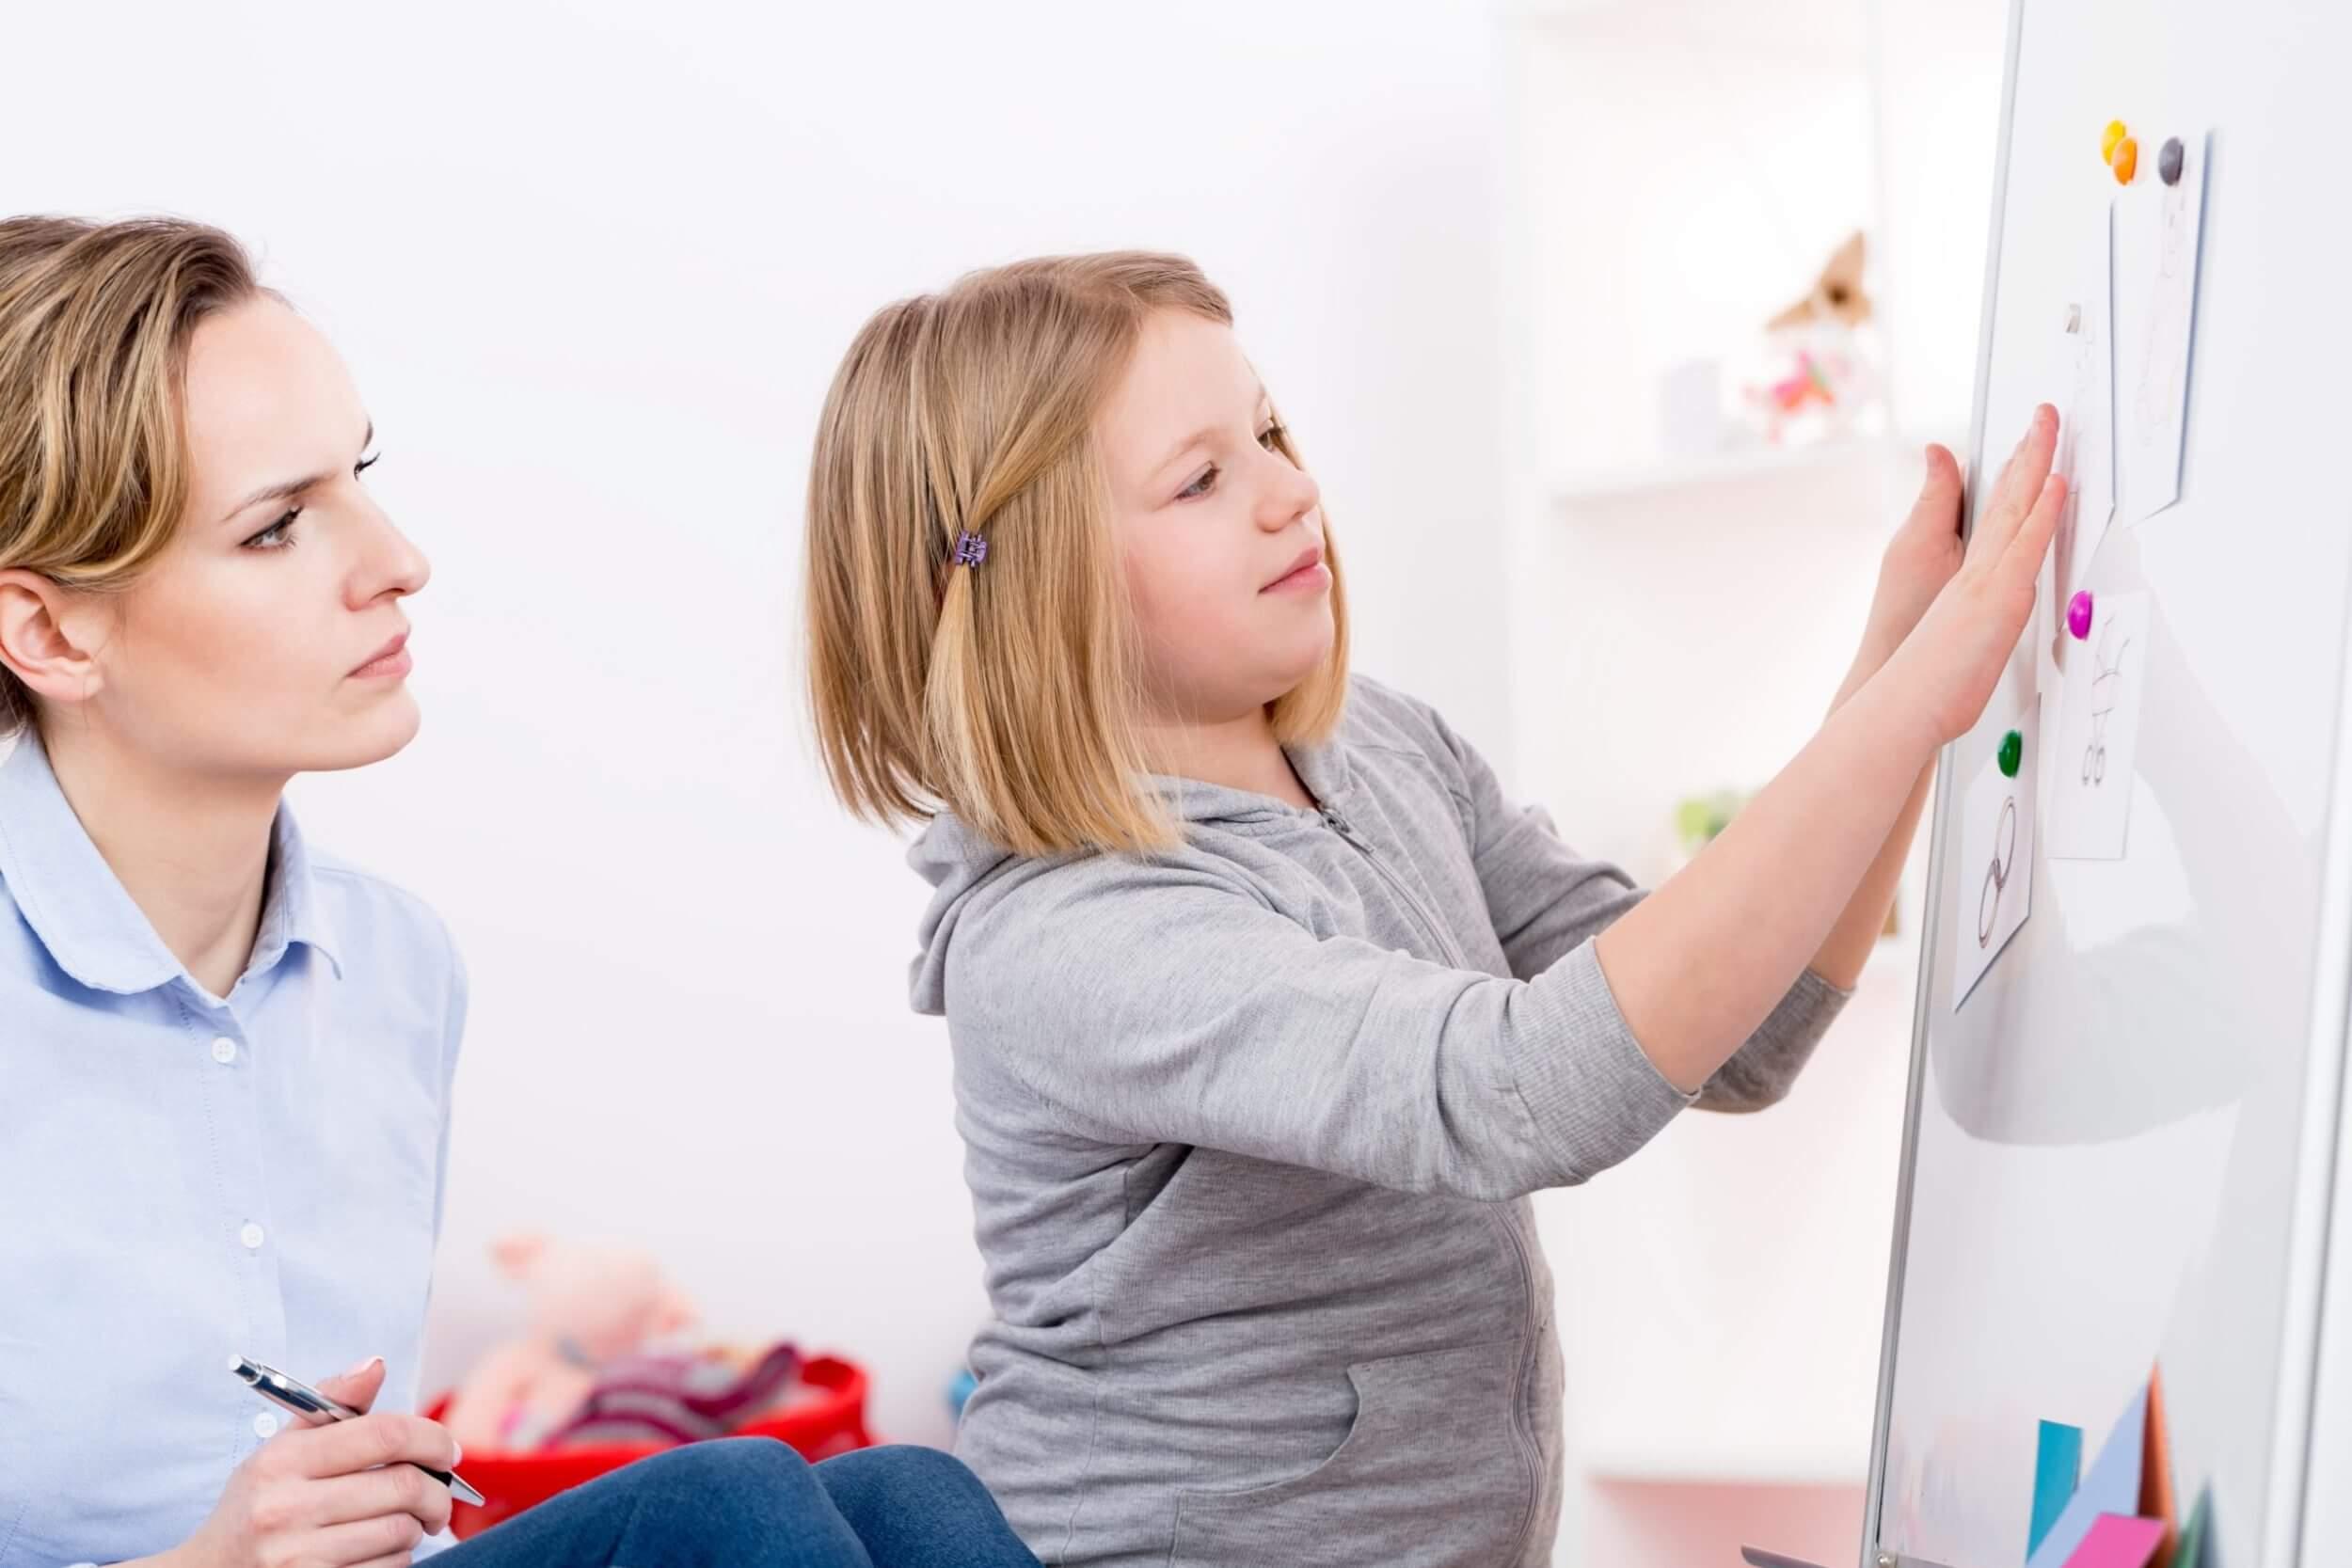 Otizm, Otizm Hastalığı Belirtileri Nelerdir, Otizim Hastalığı Hakkında Bilinmeyenler, Otizm Hastalığı Psikolojik Midir,